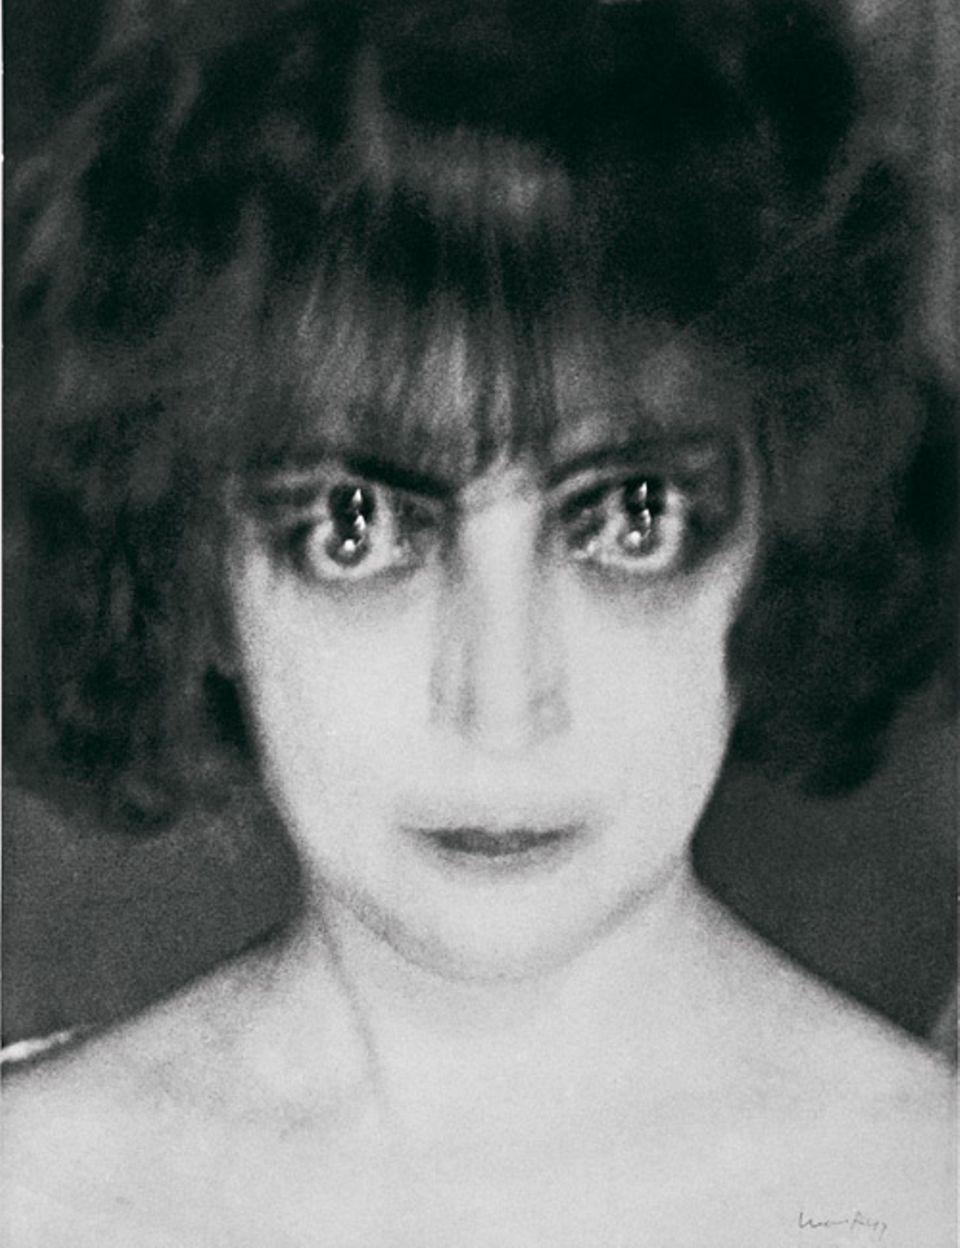 Surrealismus: Hypnotischer Blick Die exzentrische Italienerin Luisa Casati, häufig Gast bei spiritistischen Sitzungen, erkennt in dem ungewöhnlichen Porträt ein Abbild ihres inneren Wesens